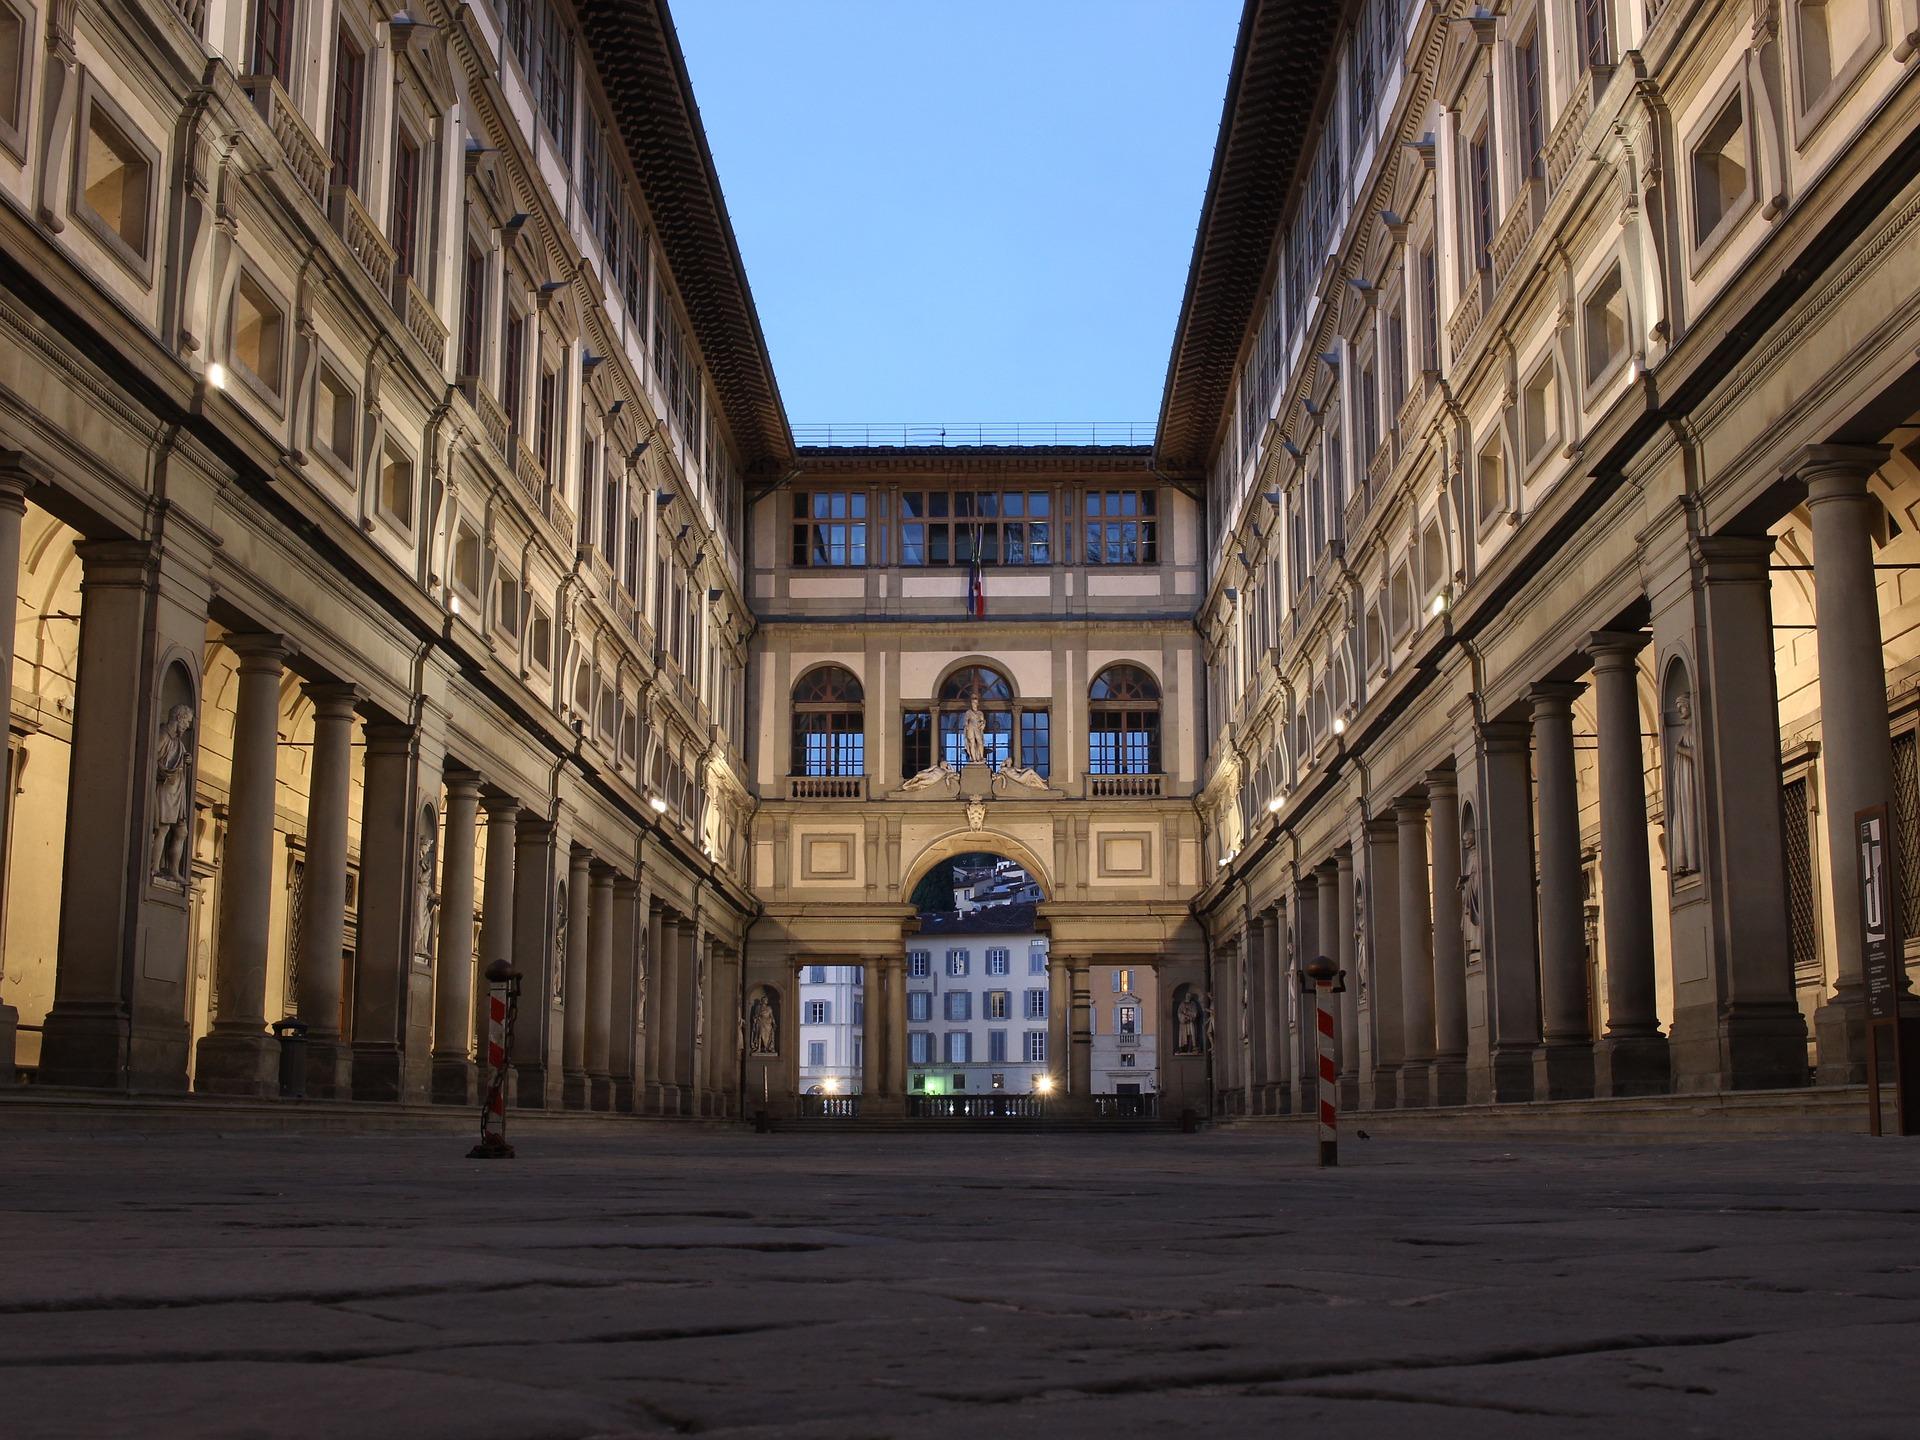 Tuscany - Florence - Uffizi Gallery 1